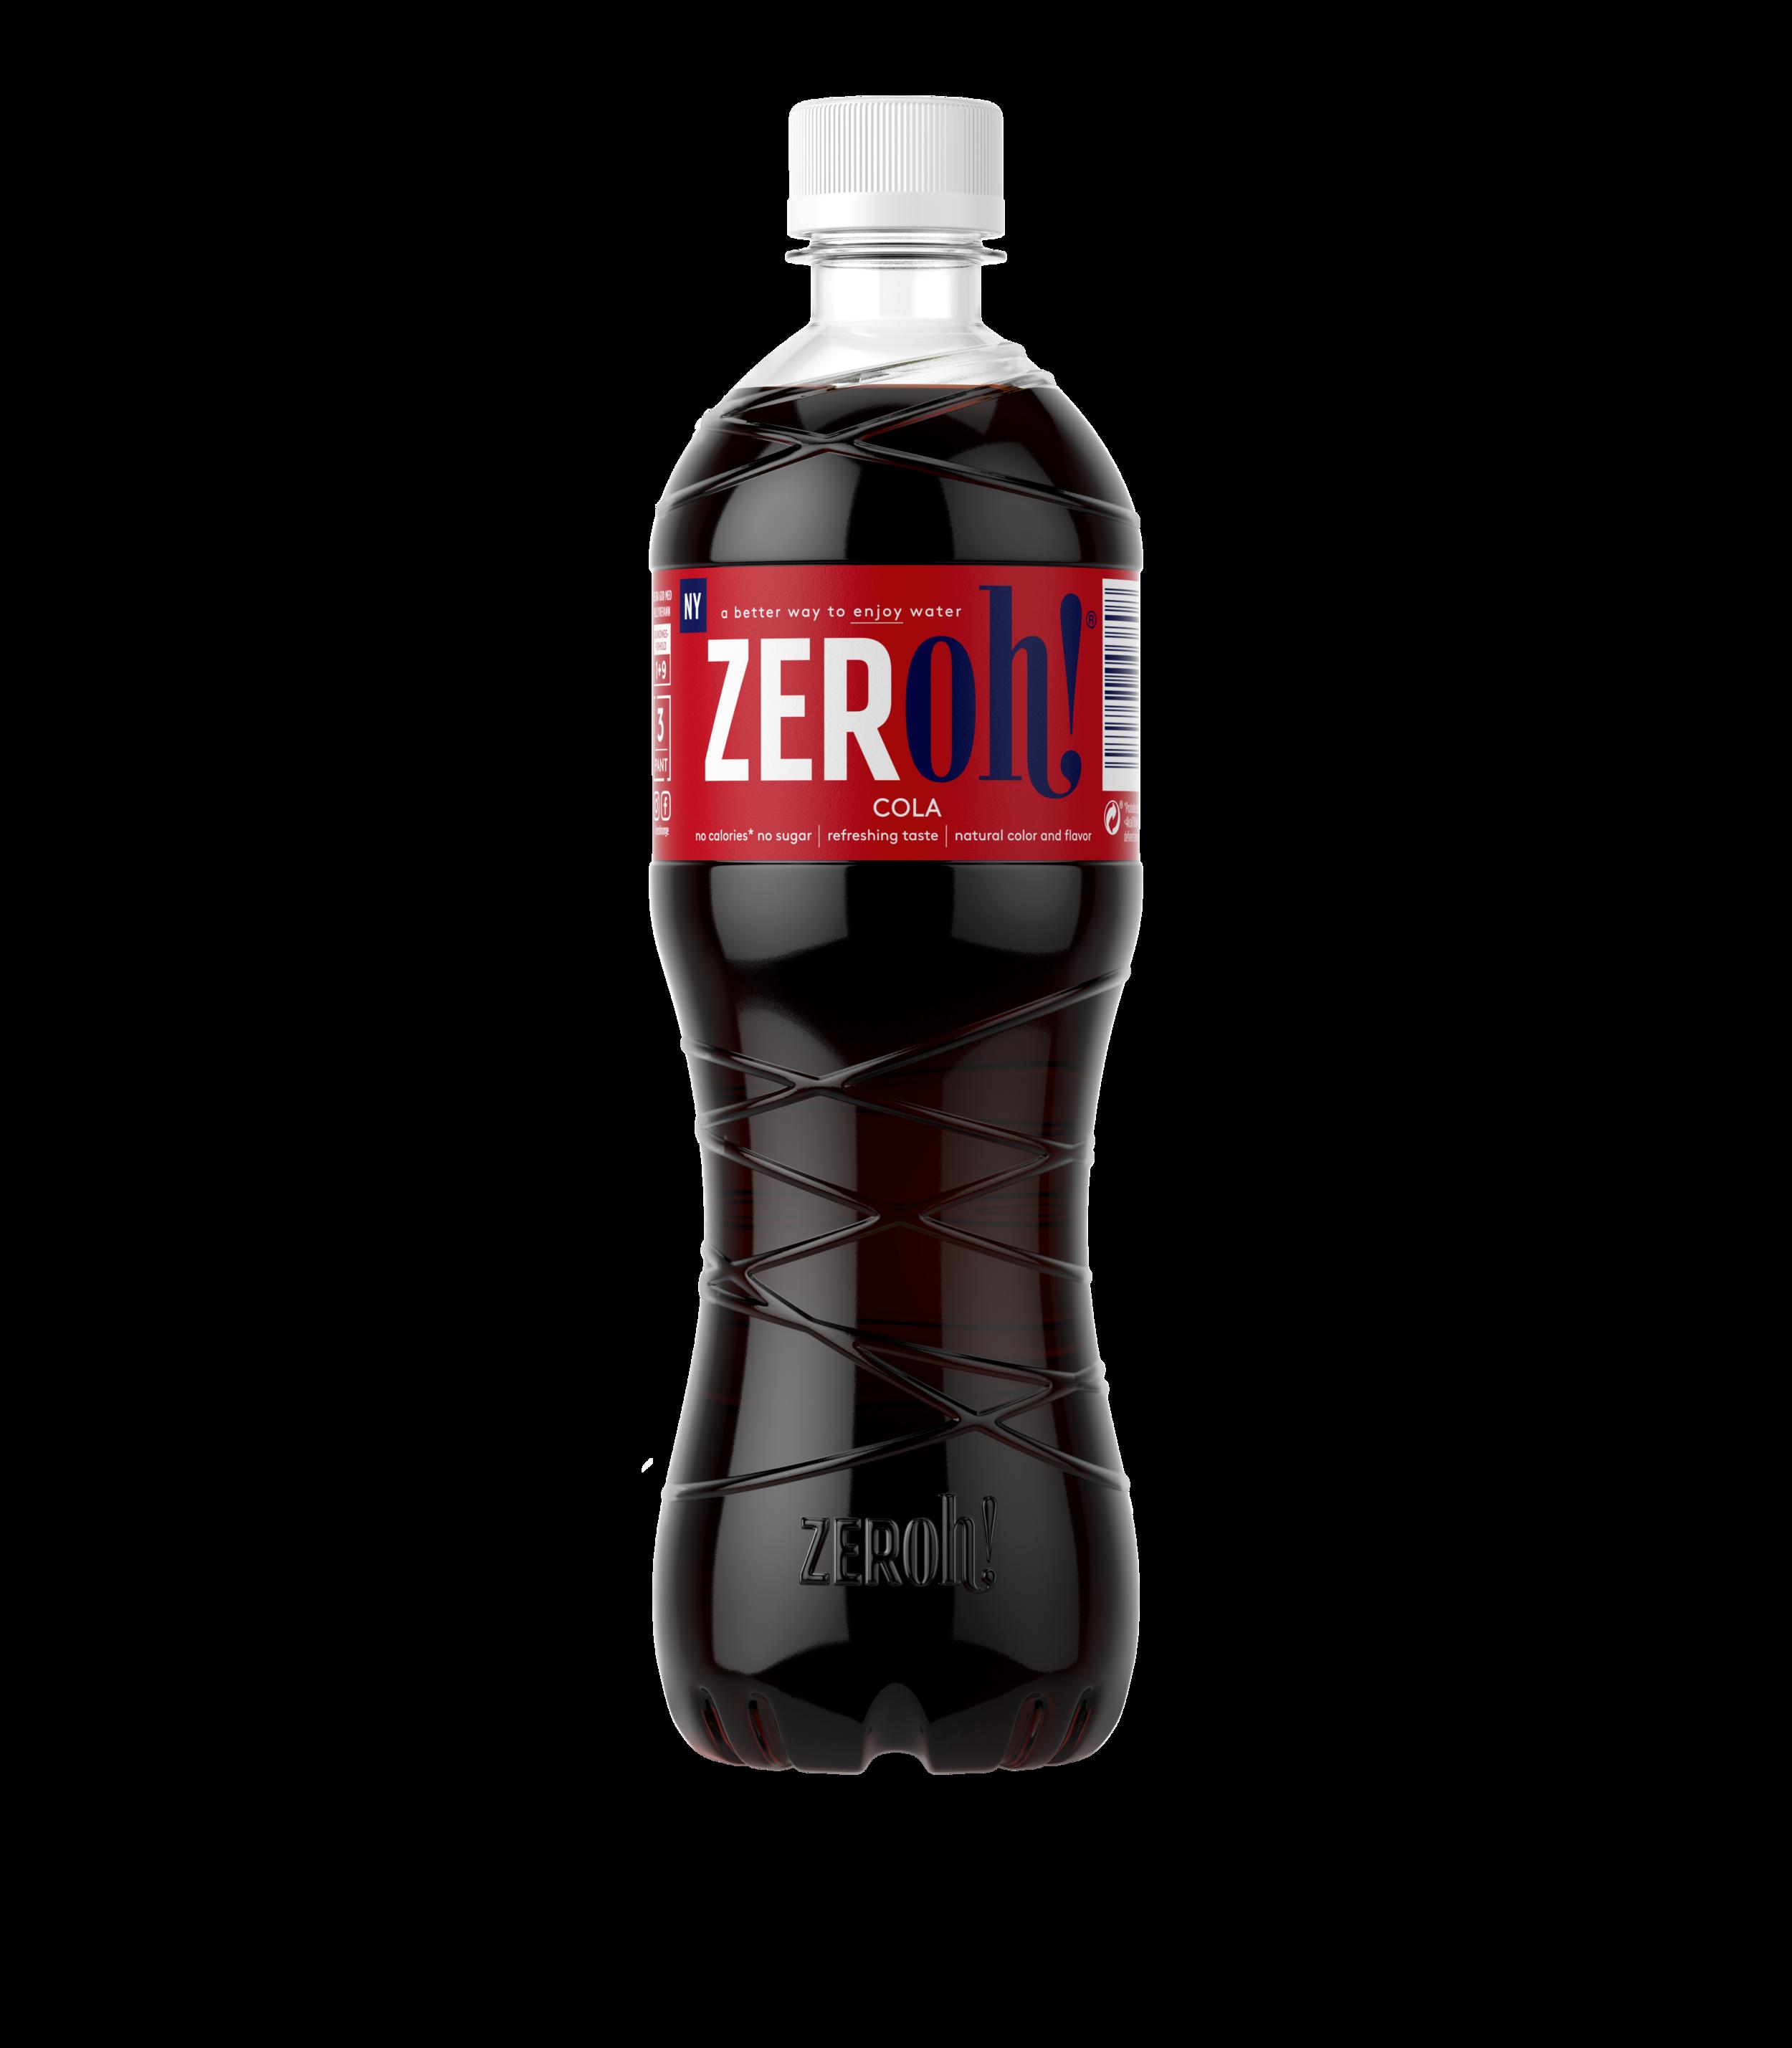 ZERoh! Cola 2019 3D transparent.png